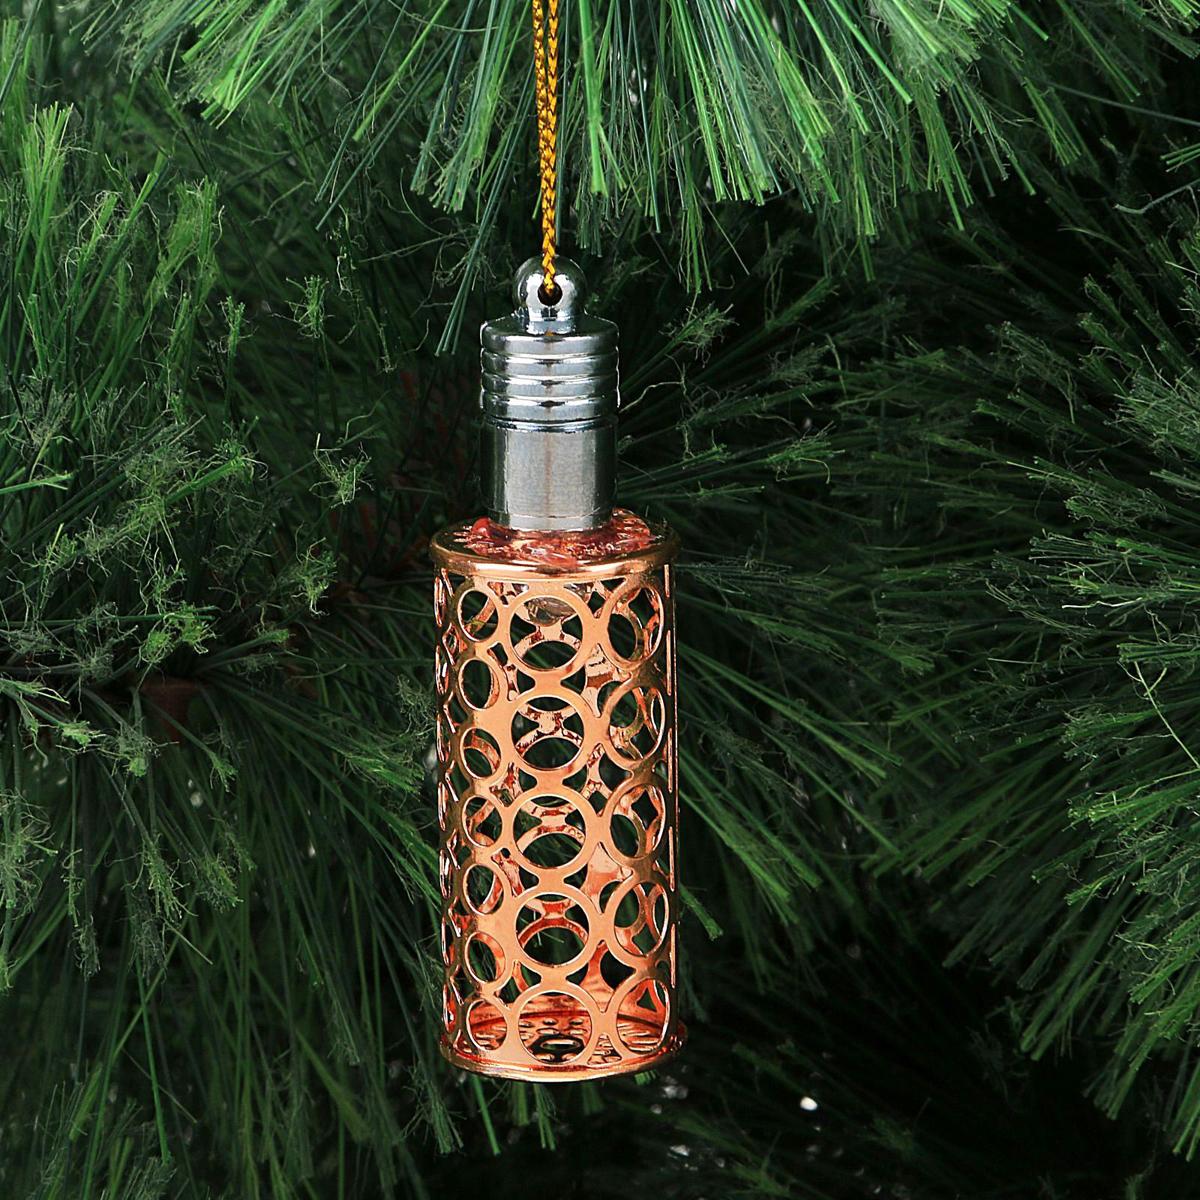 Украшение новогоднее подвесное Luazon Lighting Фонарик, световое, цвет: медный, 7 см2327165Световая новогодняя подвеска Luazon Lighting выполнена из металла в виде фонарика. Елочное украшение выглядит как простая елочная игрушка днем, но при этом остается видимой вечером.Просто включите изделие с наступлением темноты, и оно украсит елку огоньками. Подвеска Luazon Lighting работает от батареек (входят в комплект) и пожаробезопасна, так как светодиоды не нагреваются, в отличие от ламп накаливания.